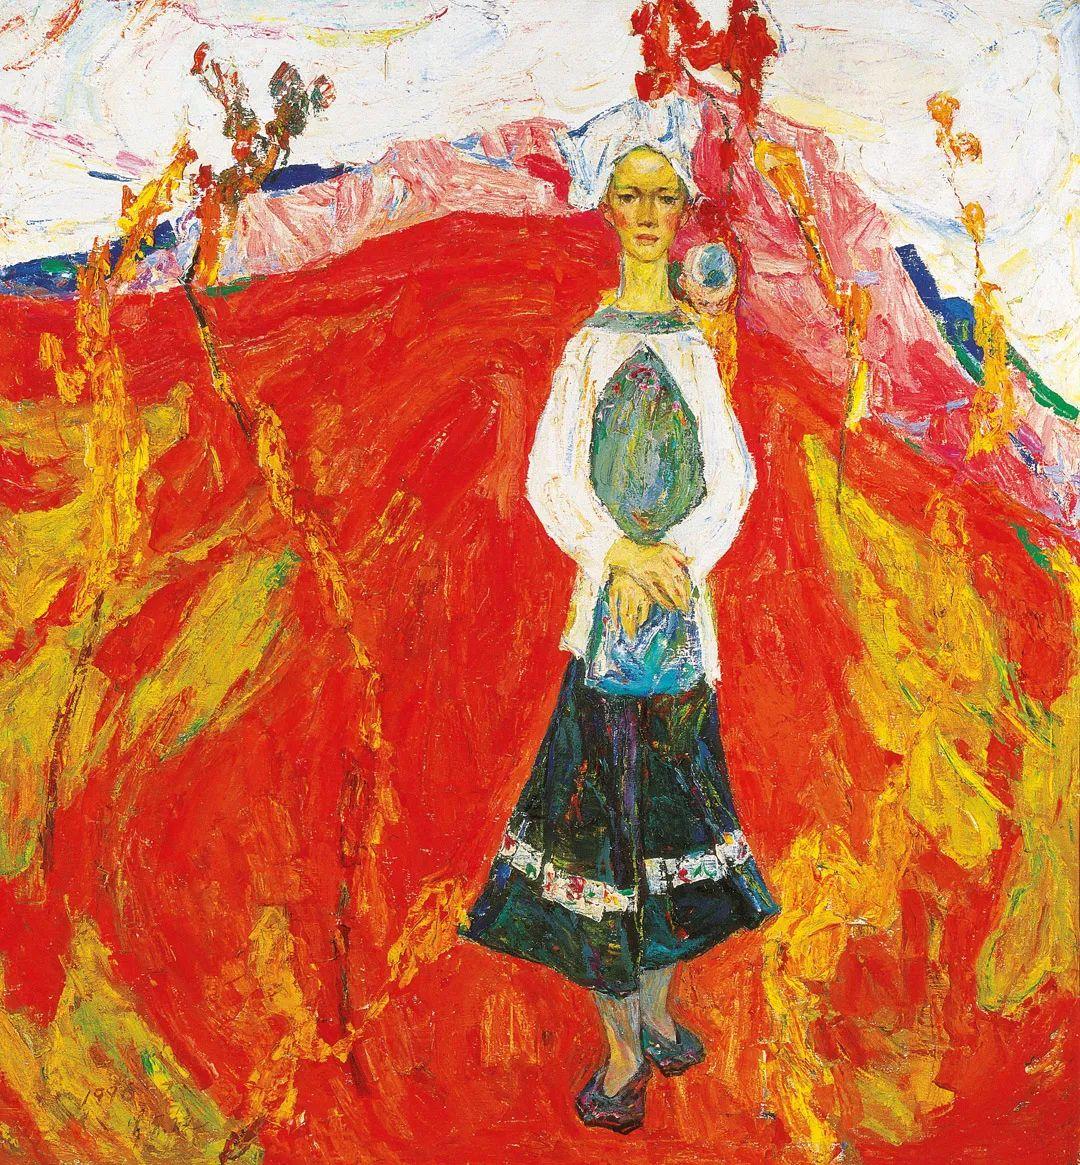 中国当代绘画艺术展作品欣赏之 罗尔纯插图15